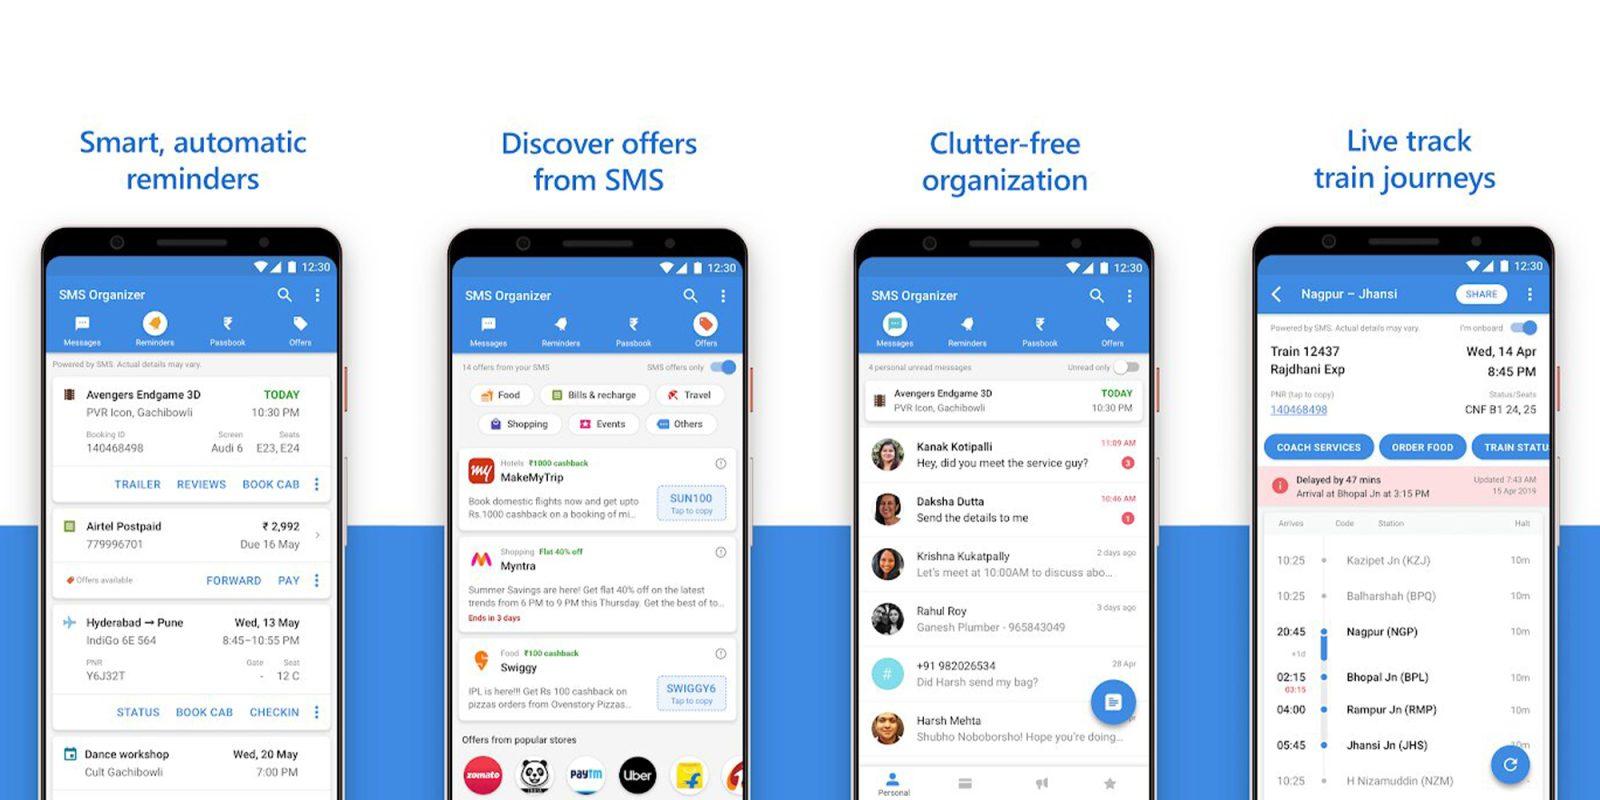 تطبيق SMS Organizer من مايكروسوفت أصبح متاح بالعديد من المناطق الجديدة